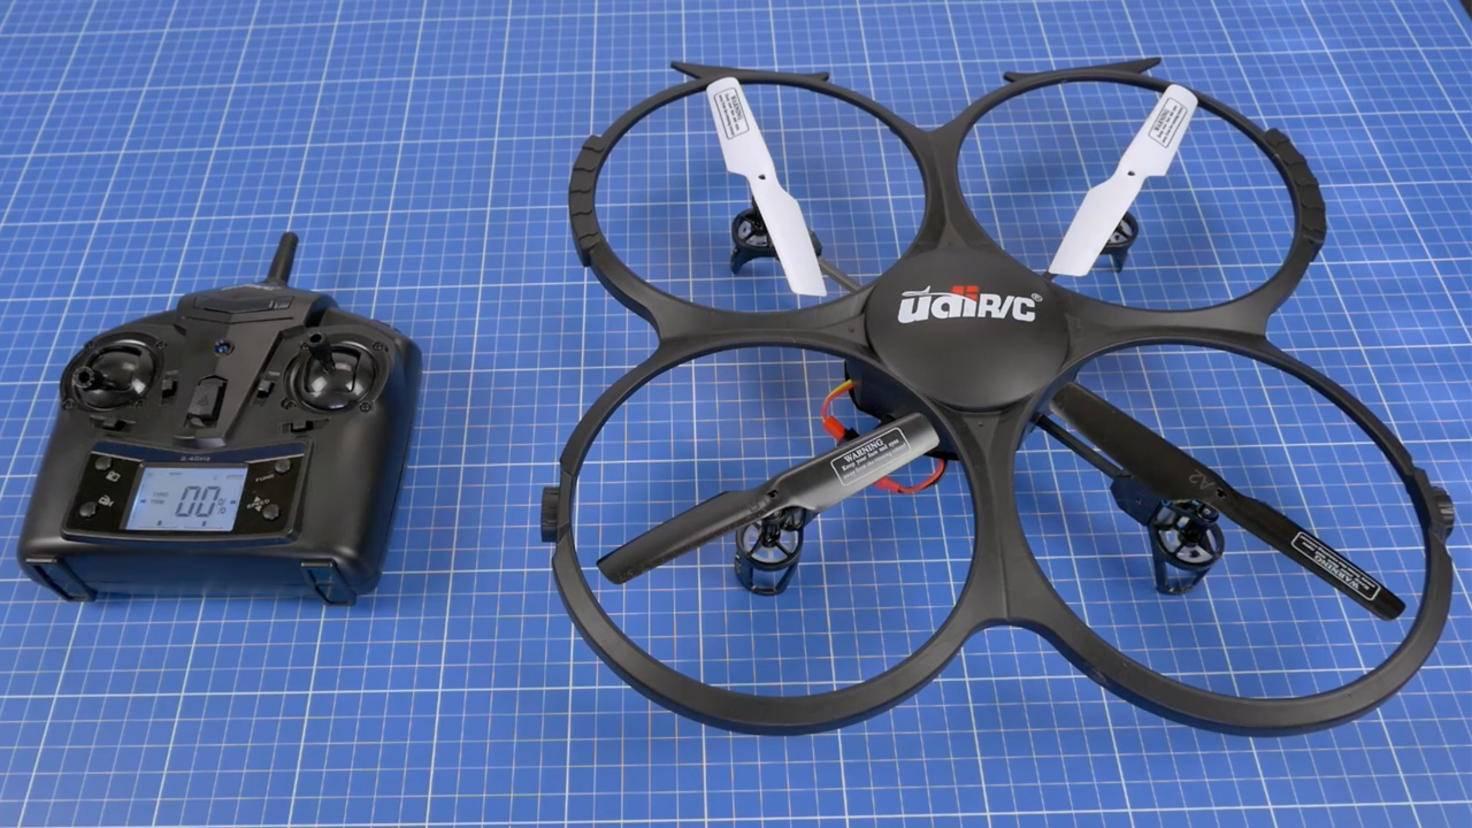 Drohne Unter 100 Euro: 7 Empfehlenswerte Modelle Mit Kamera